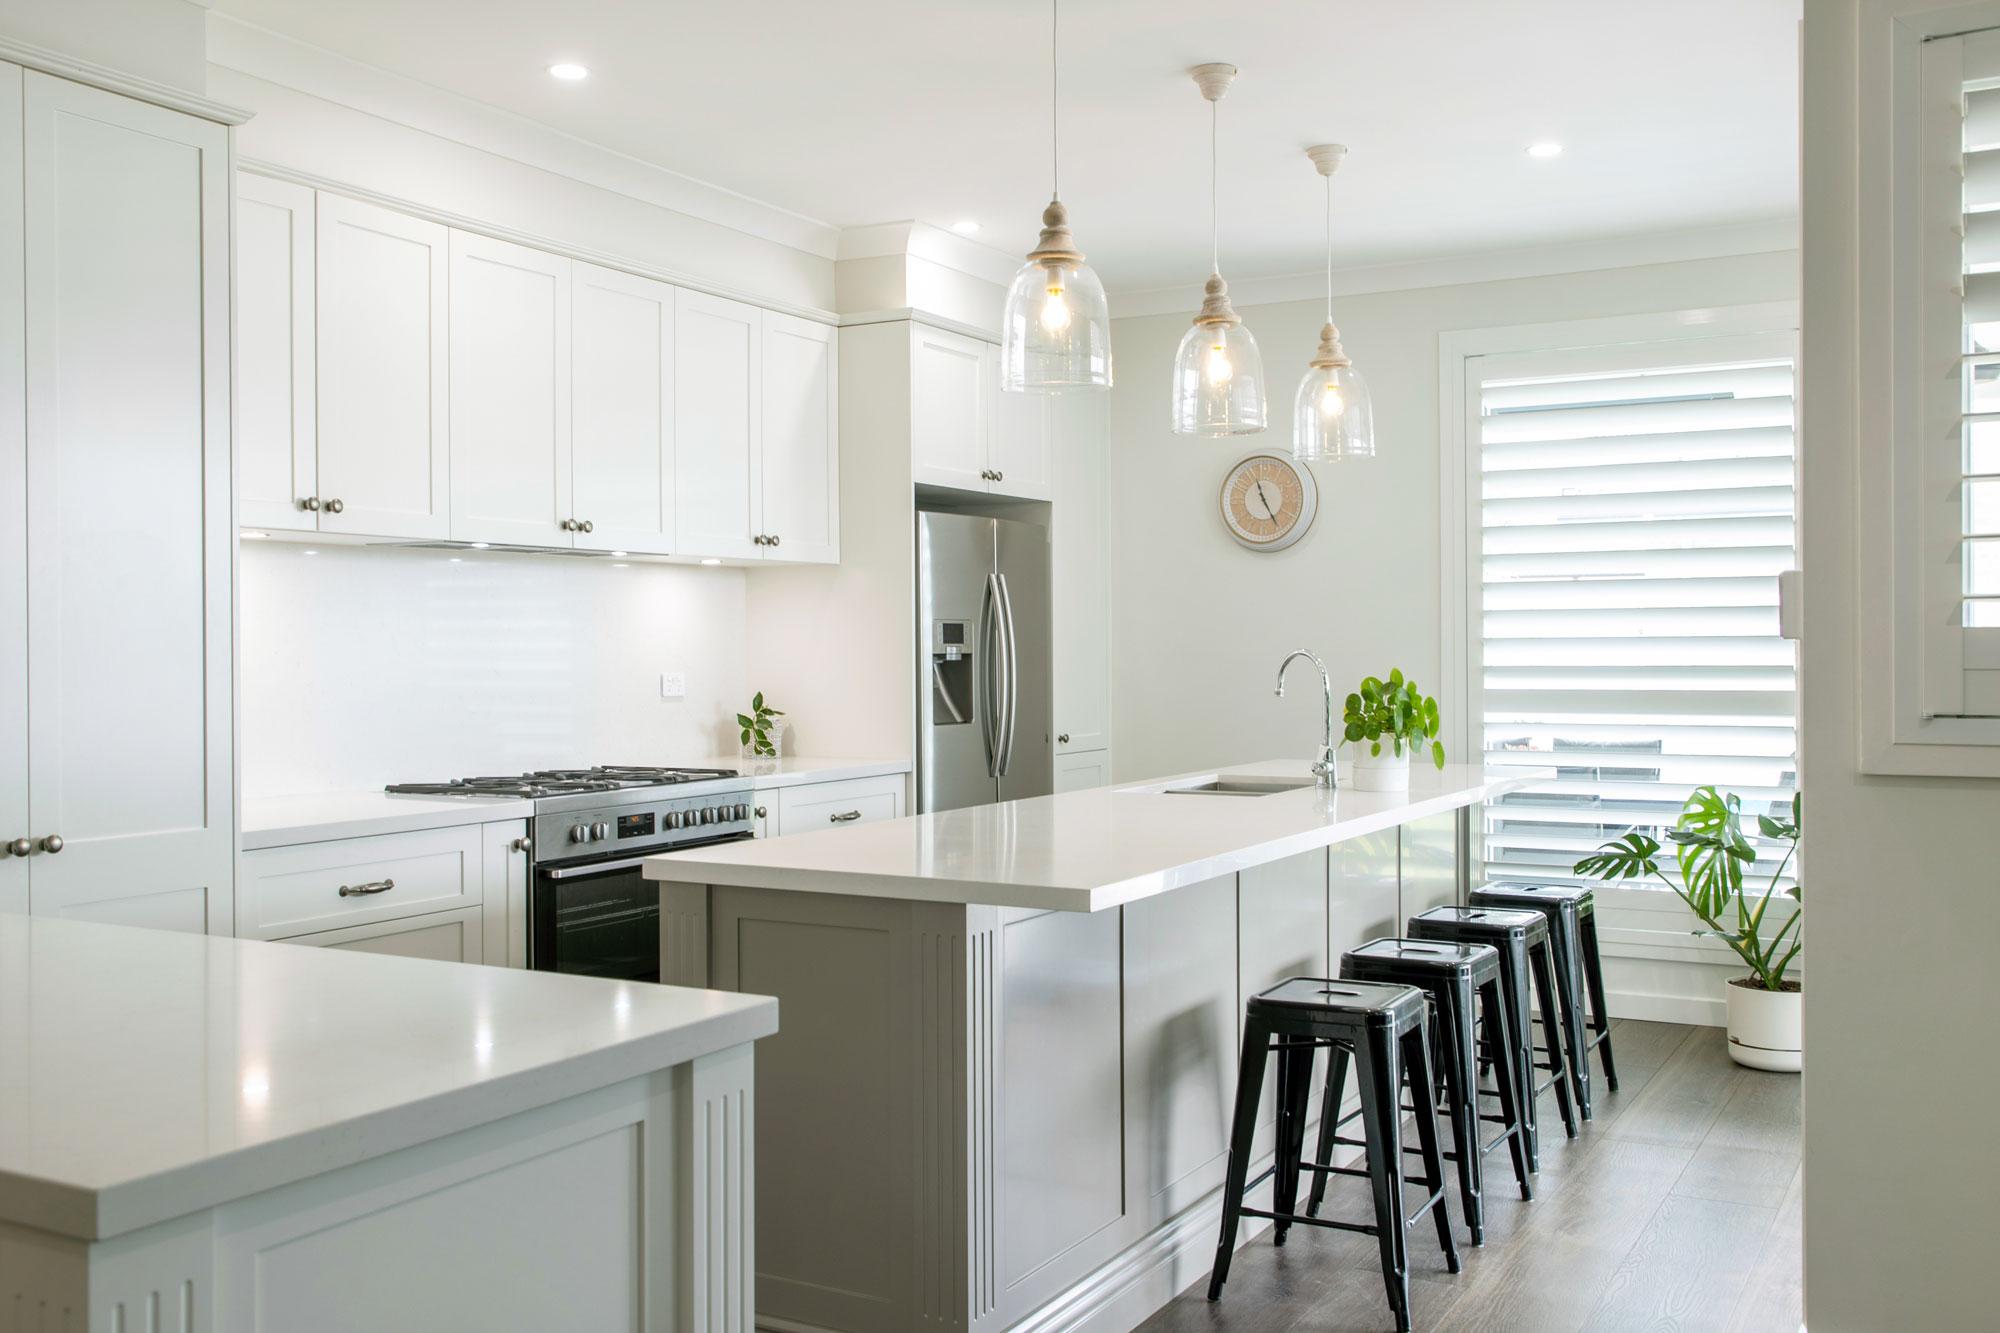 Hamptons Inspired Kitchen with Shaker Doors